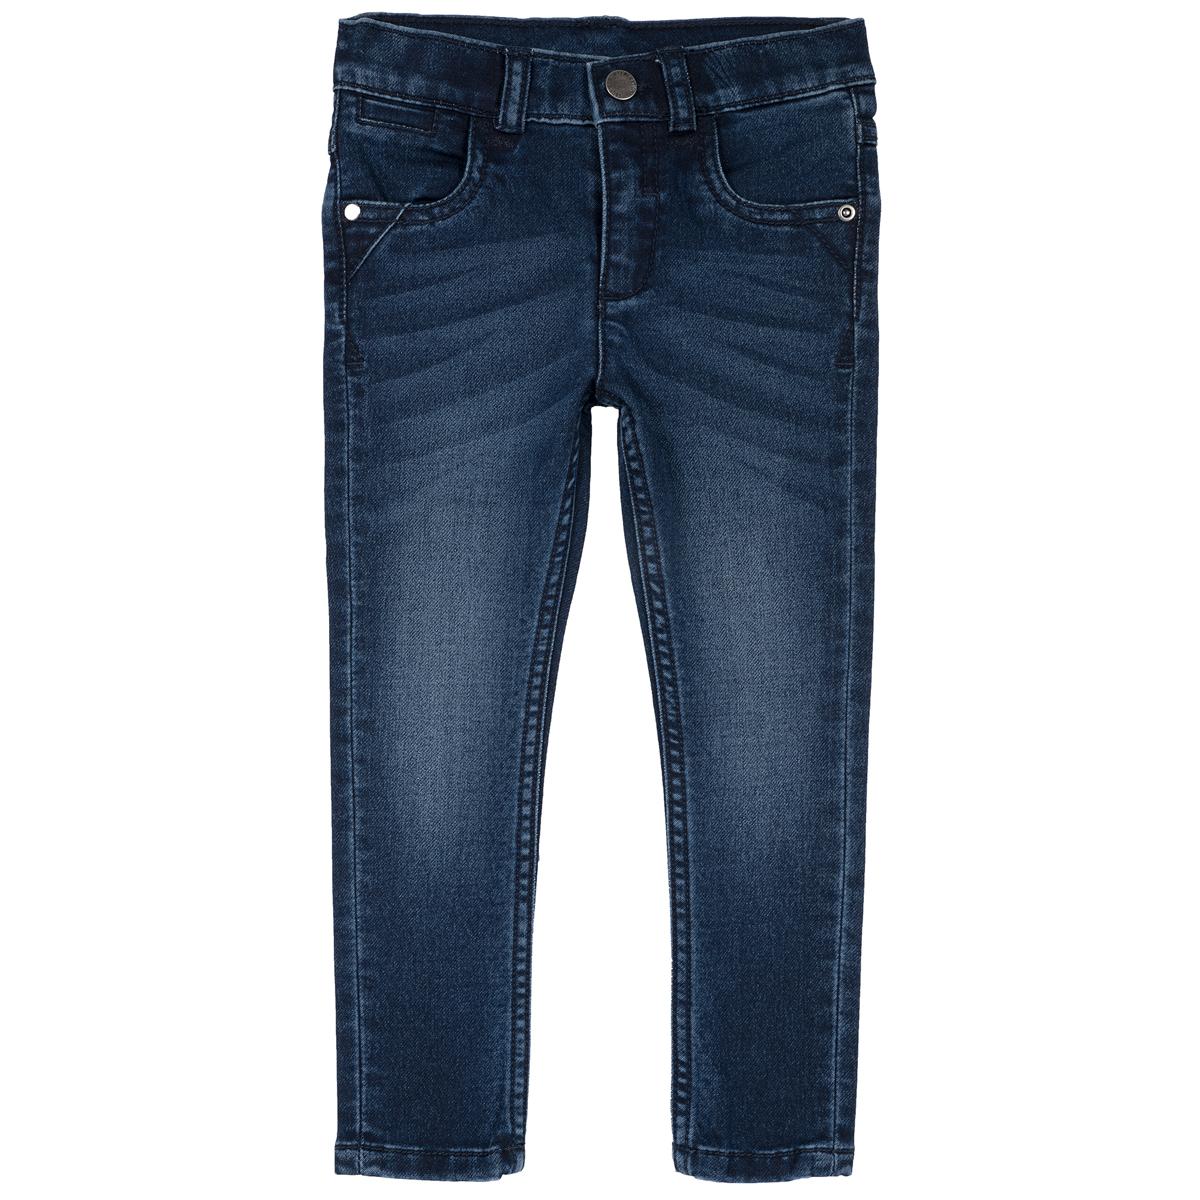 Pantaloni lungi copii Chicco, denim elastic, 08045